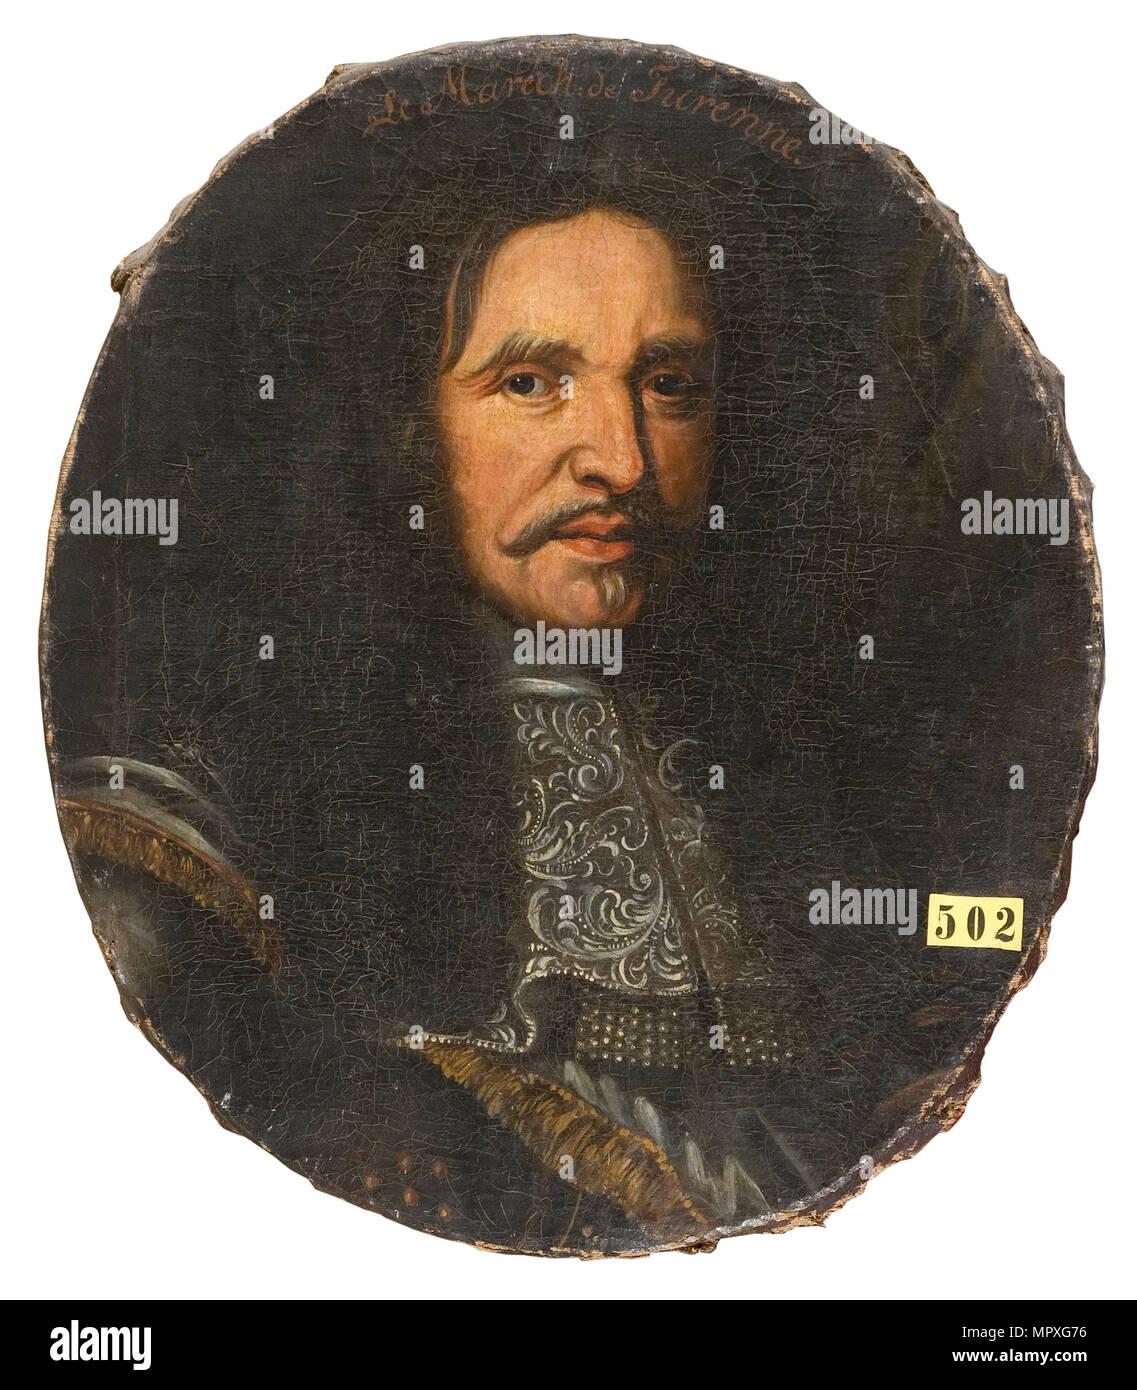 Marshal Henri de La Tour d'Auvergne, vicomte de Turenne (1611-1675). - Stock Image